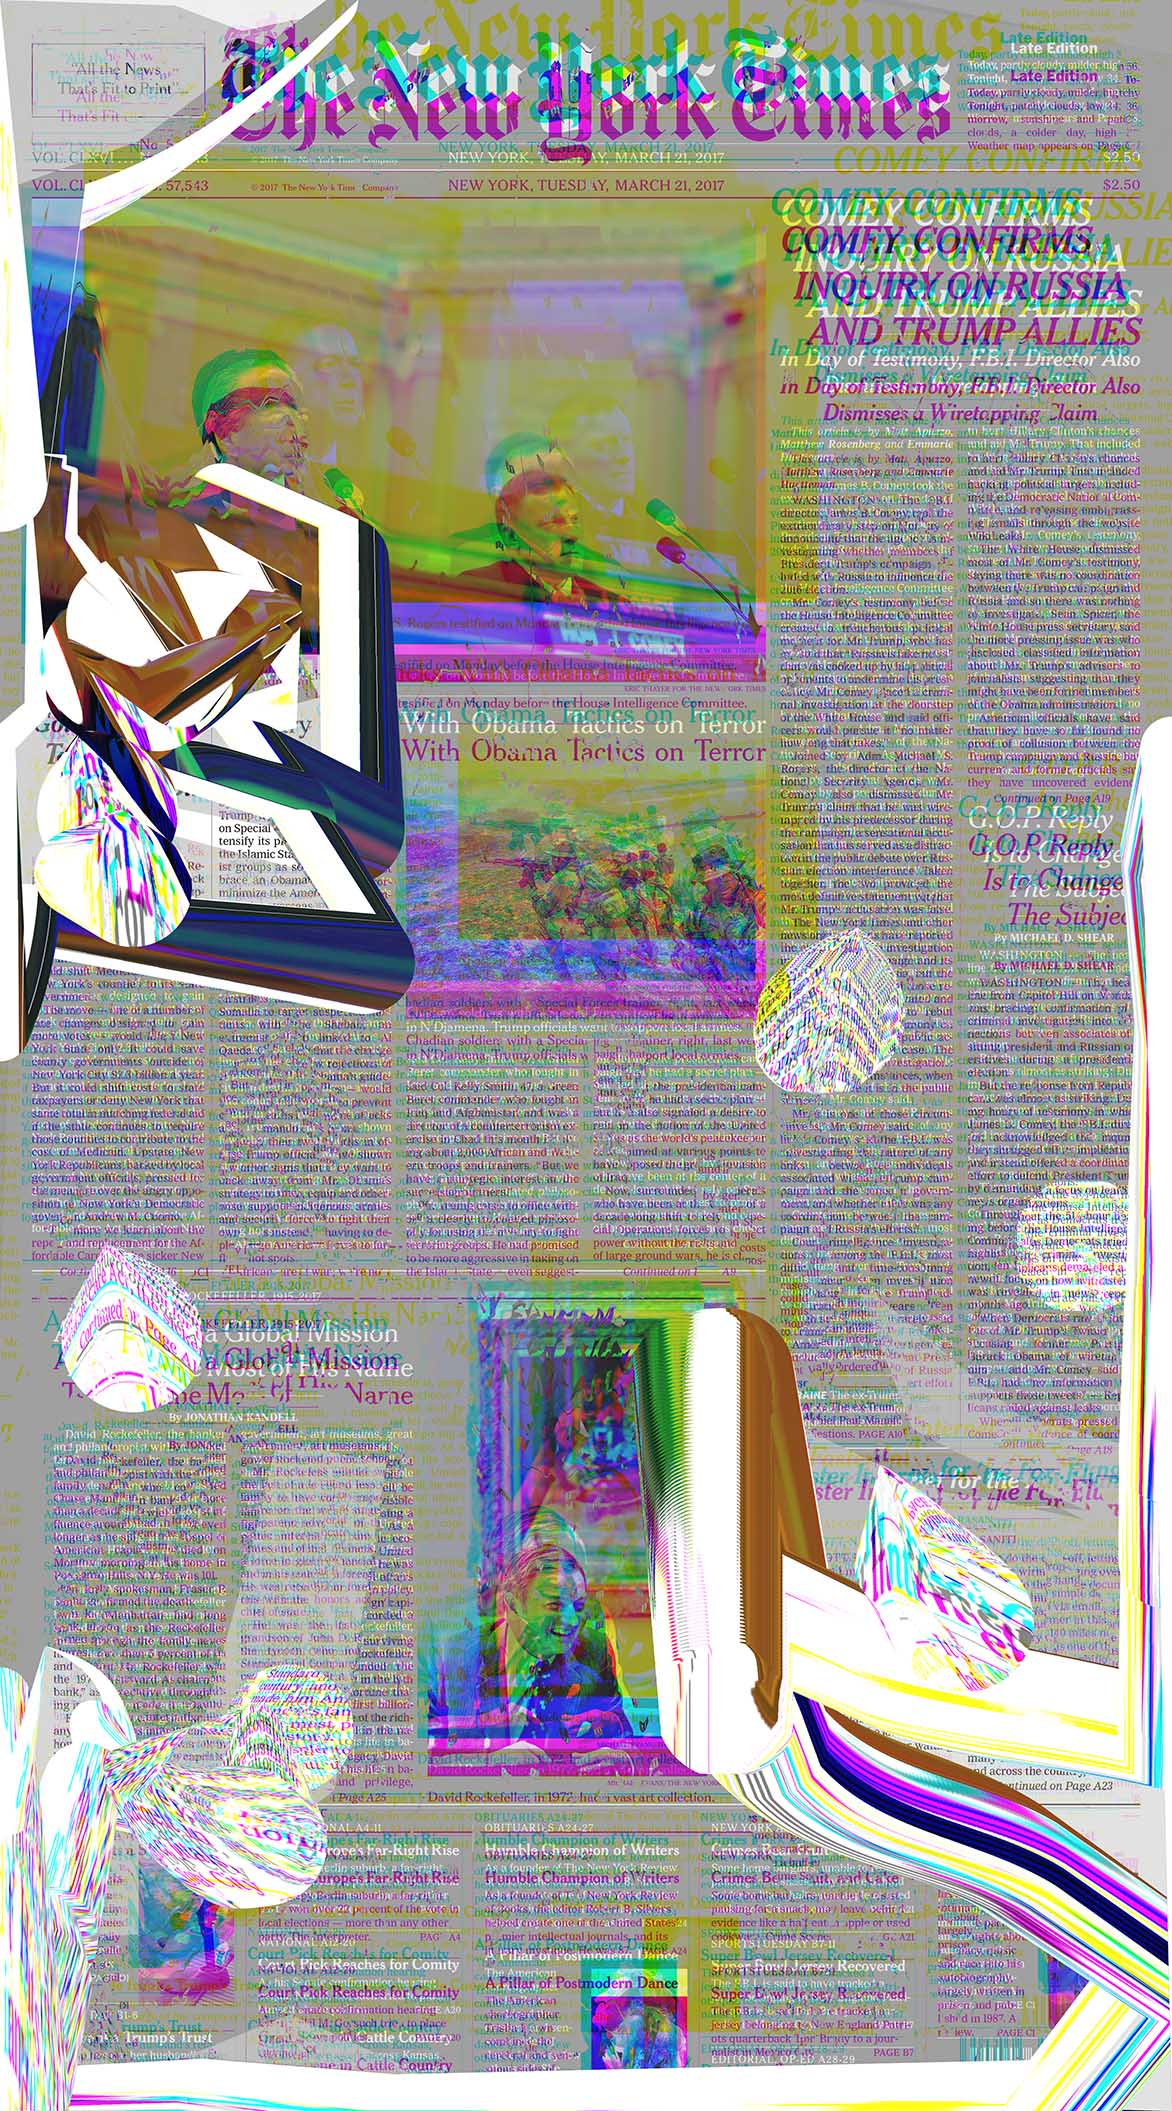 Nxxx,2017-03-21,A,001,Bs-4C,E2.pdf.0